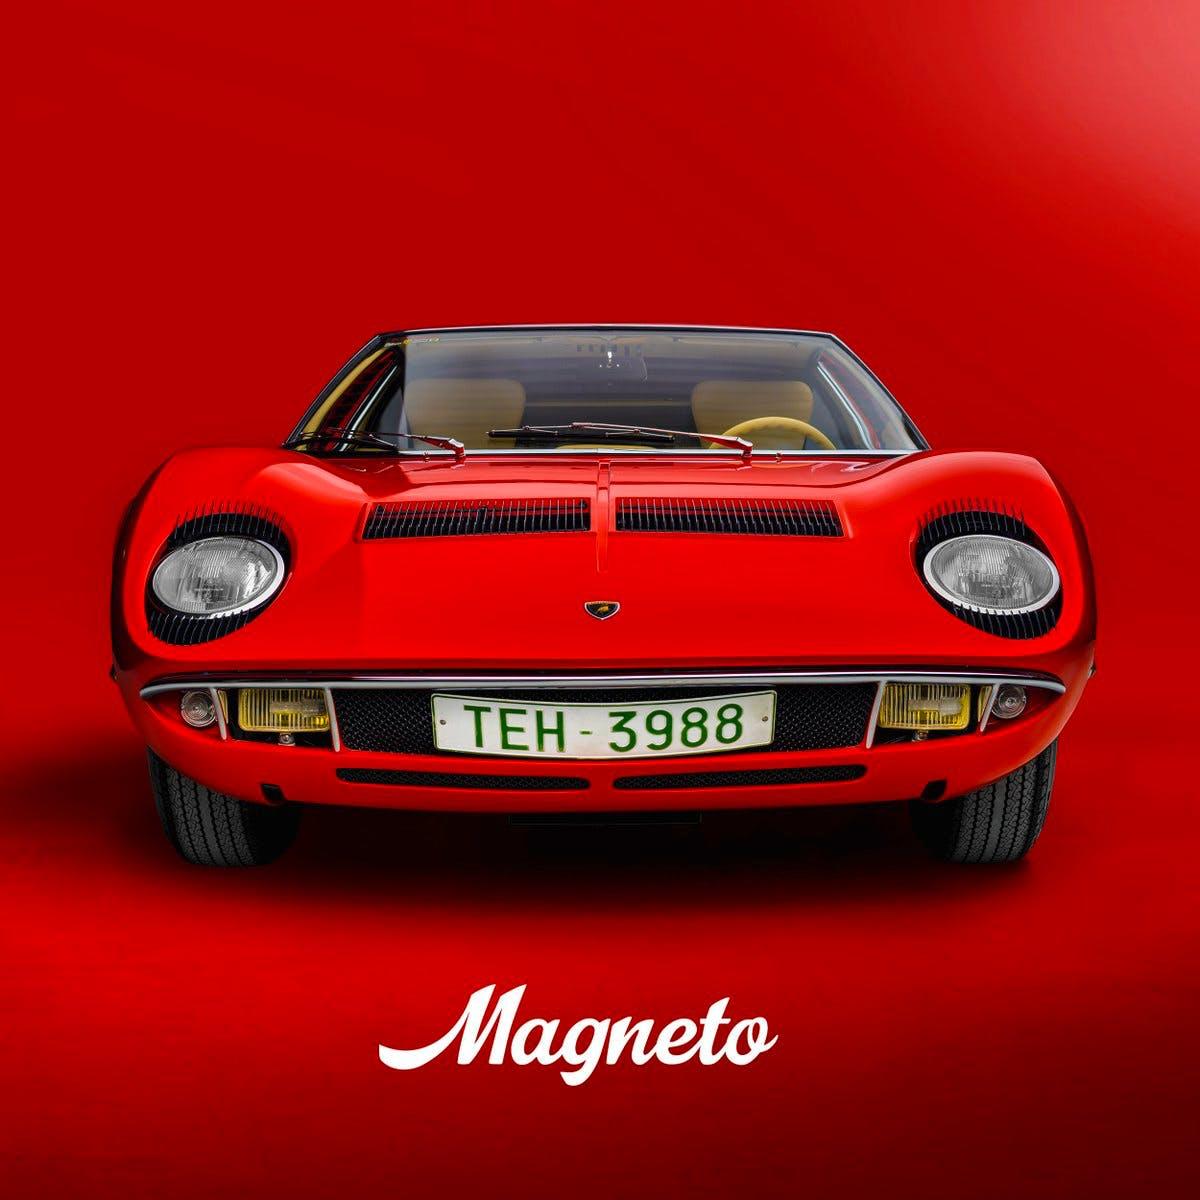 Magneto Magazine Cover